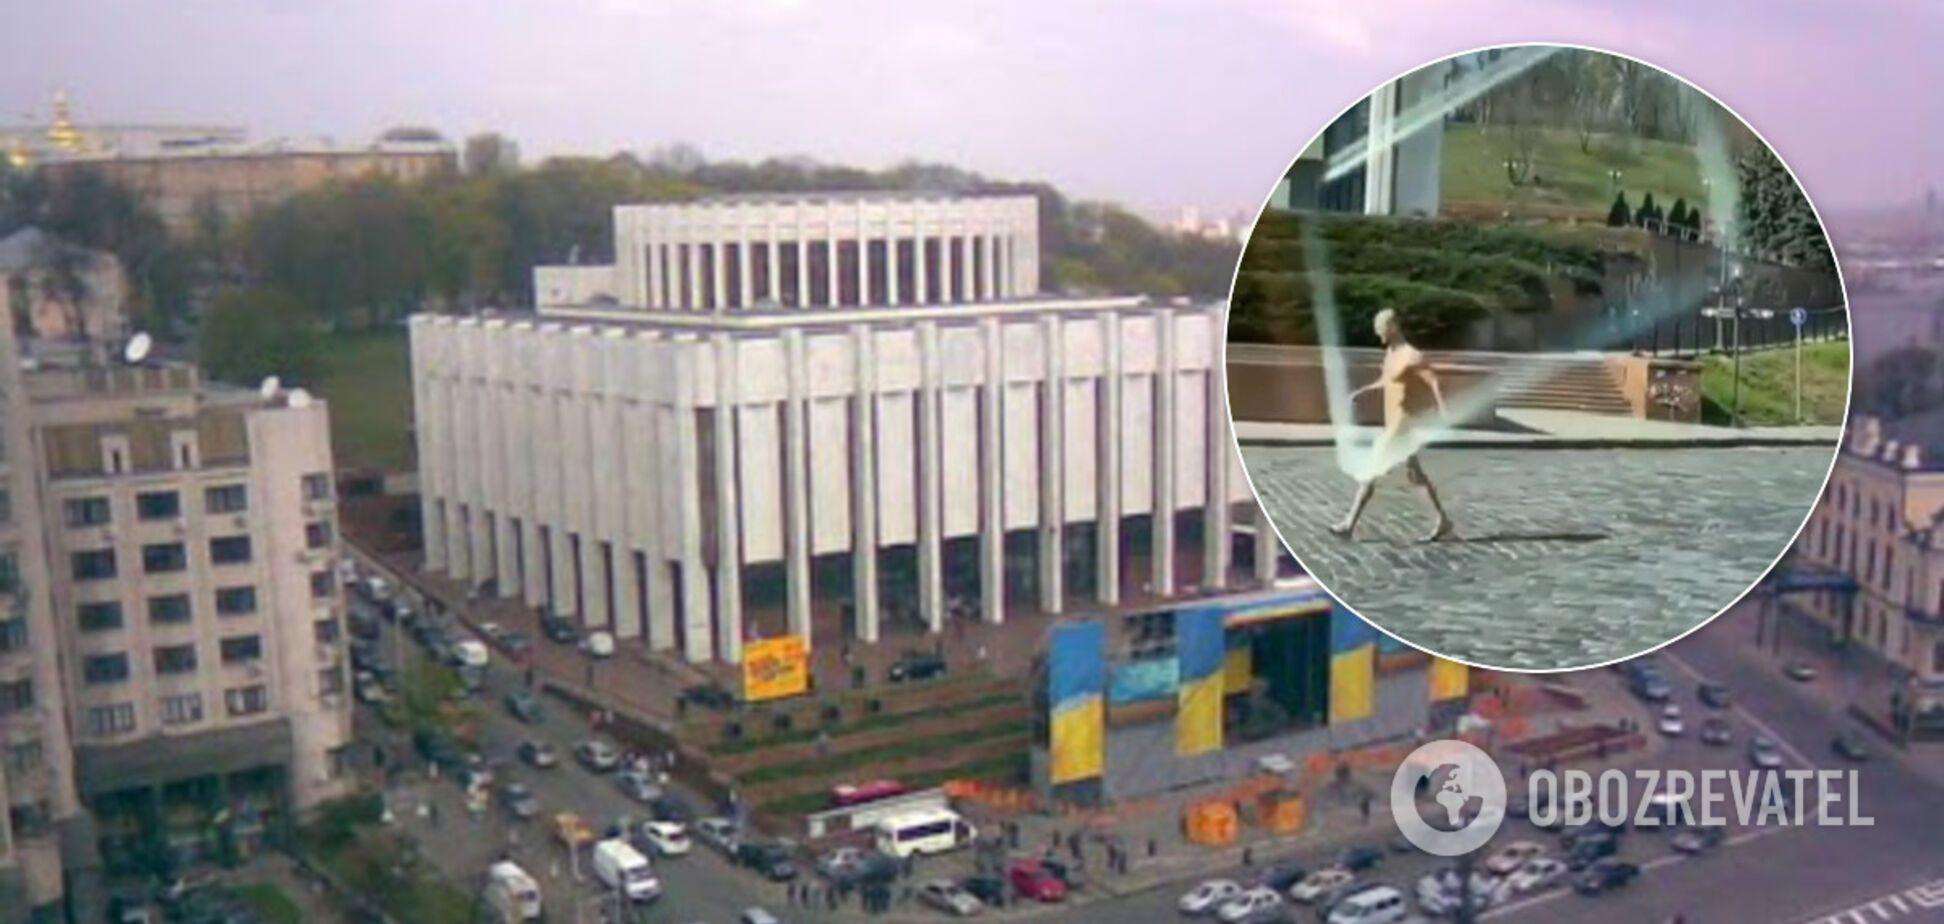 Без маски: в центре Киеве голый мужчина попал на пикантное видео. 18+